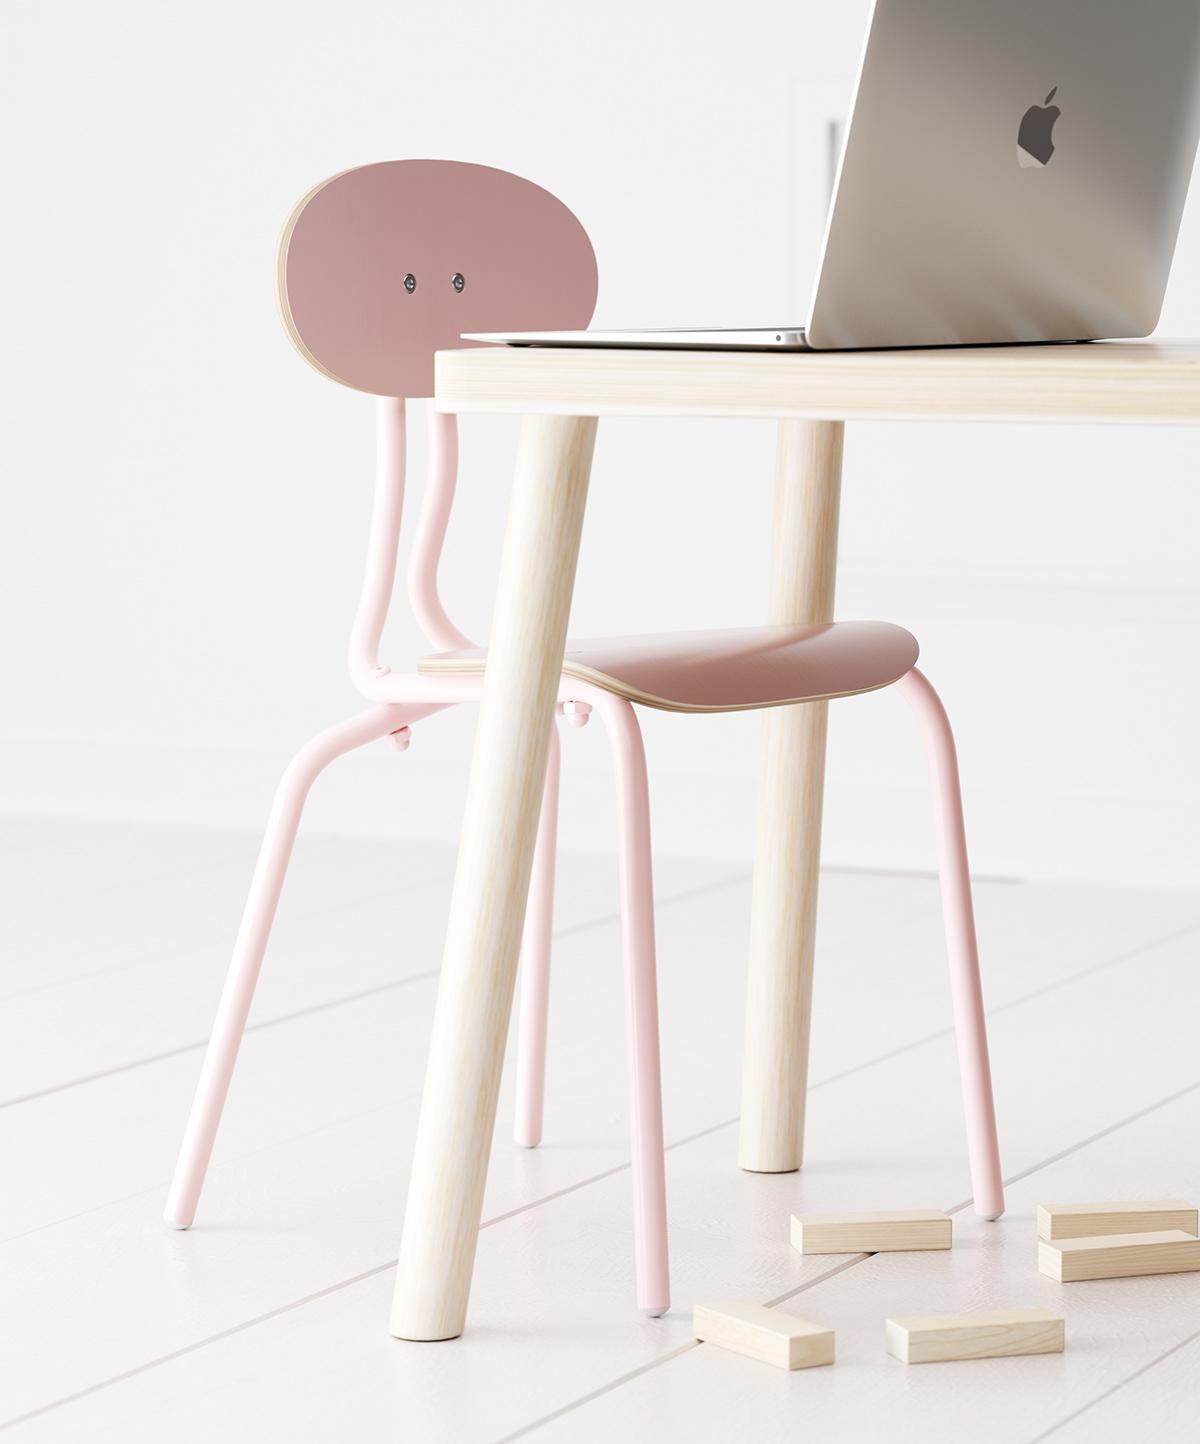 3dsmax chair child children furniture Interior kid Solidworks